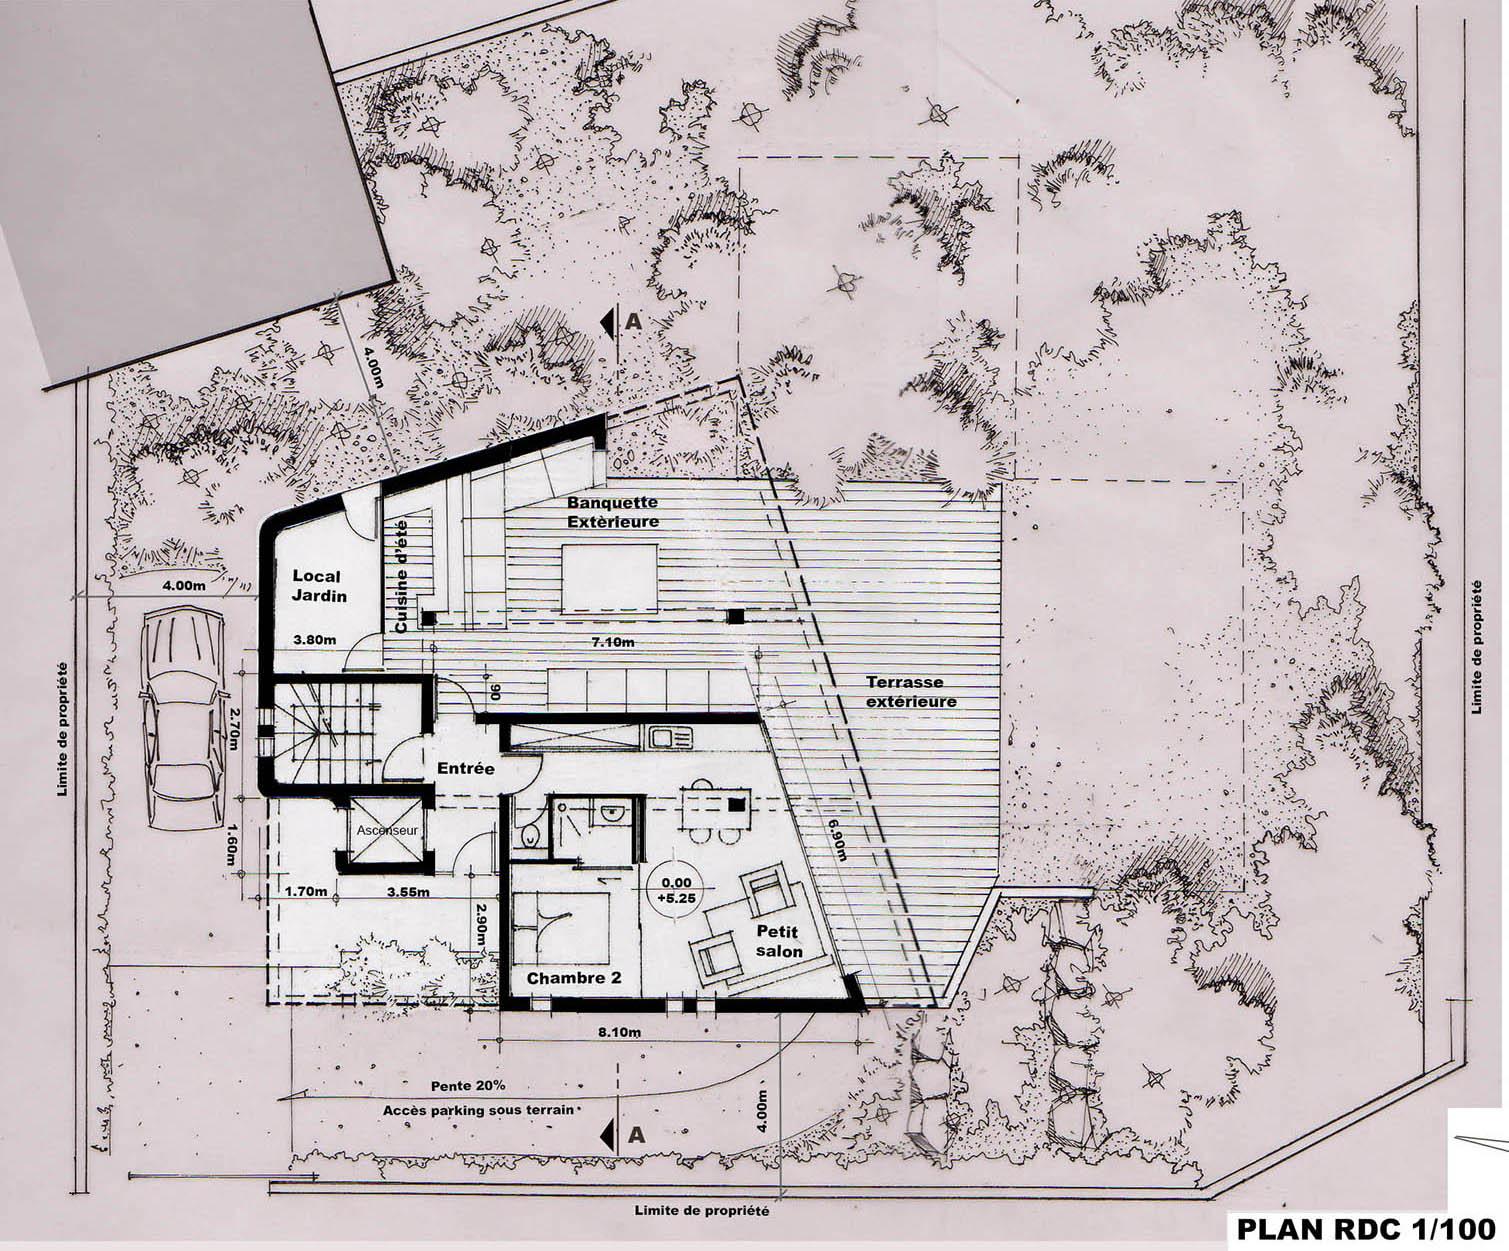 Architecte la ciotat cr ation d 39 une maison - Plan maison entree sud ...